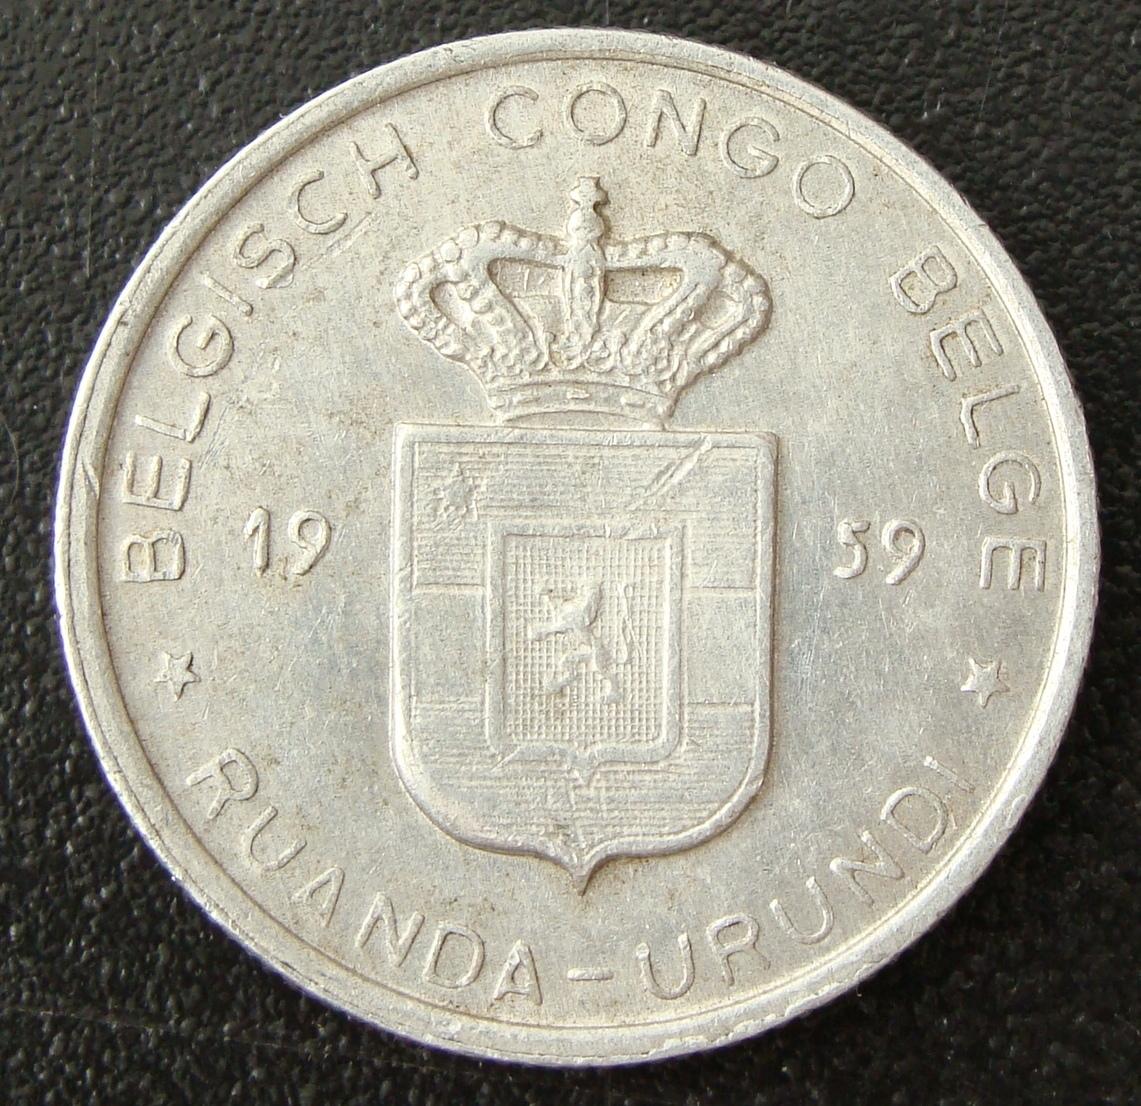 1 Franco. Congo belga (1959) RDC_1_Franco_1959_anv